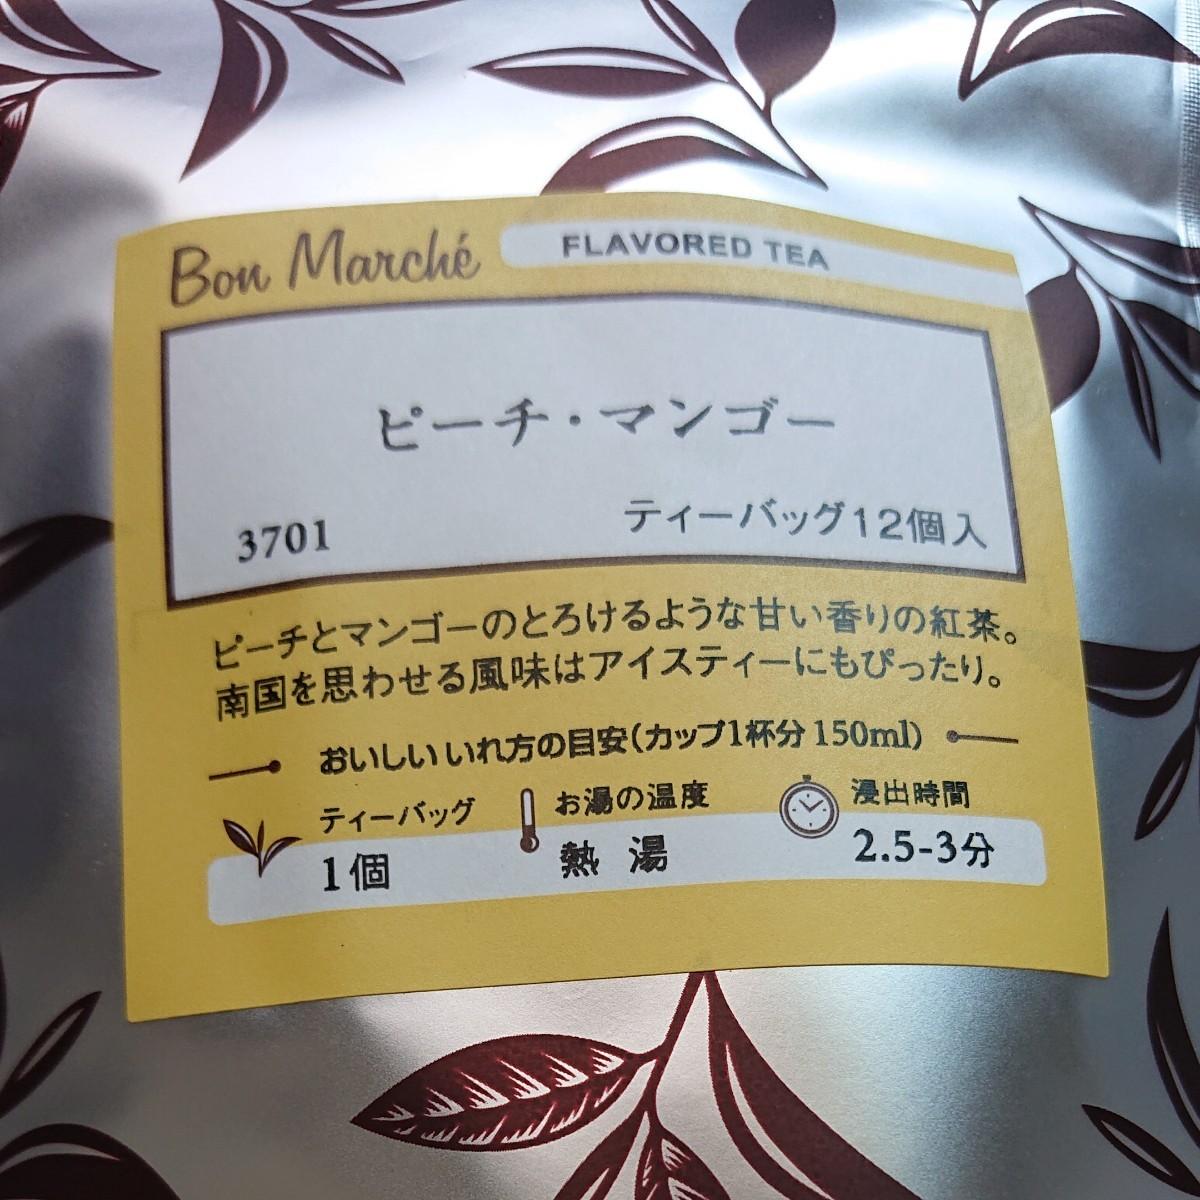 ルピシア マスカット 台湾烏龍茶ぶどう ピーチマンゴー  ボンマルシェ ティーバッグ